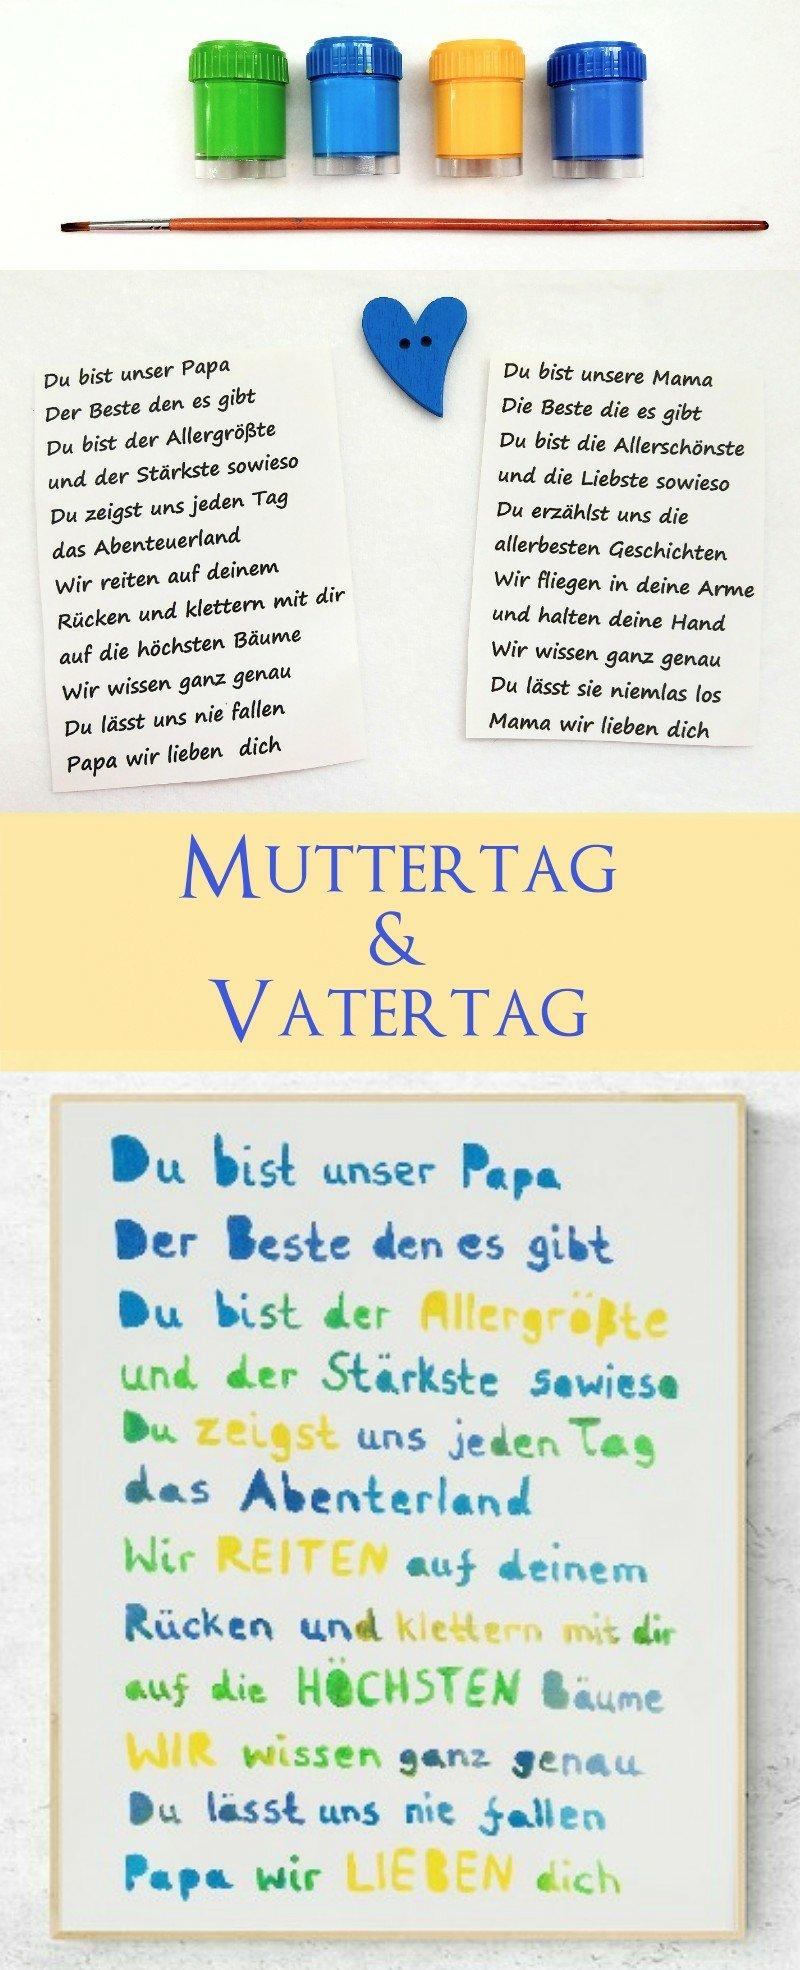 Ein toller Spruch als Geschenkidee zum Muttertag oder Vatertag. DIY mit Schritt-für-Schritt Anleitung.